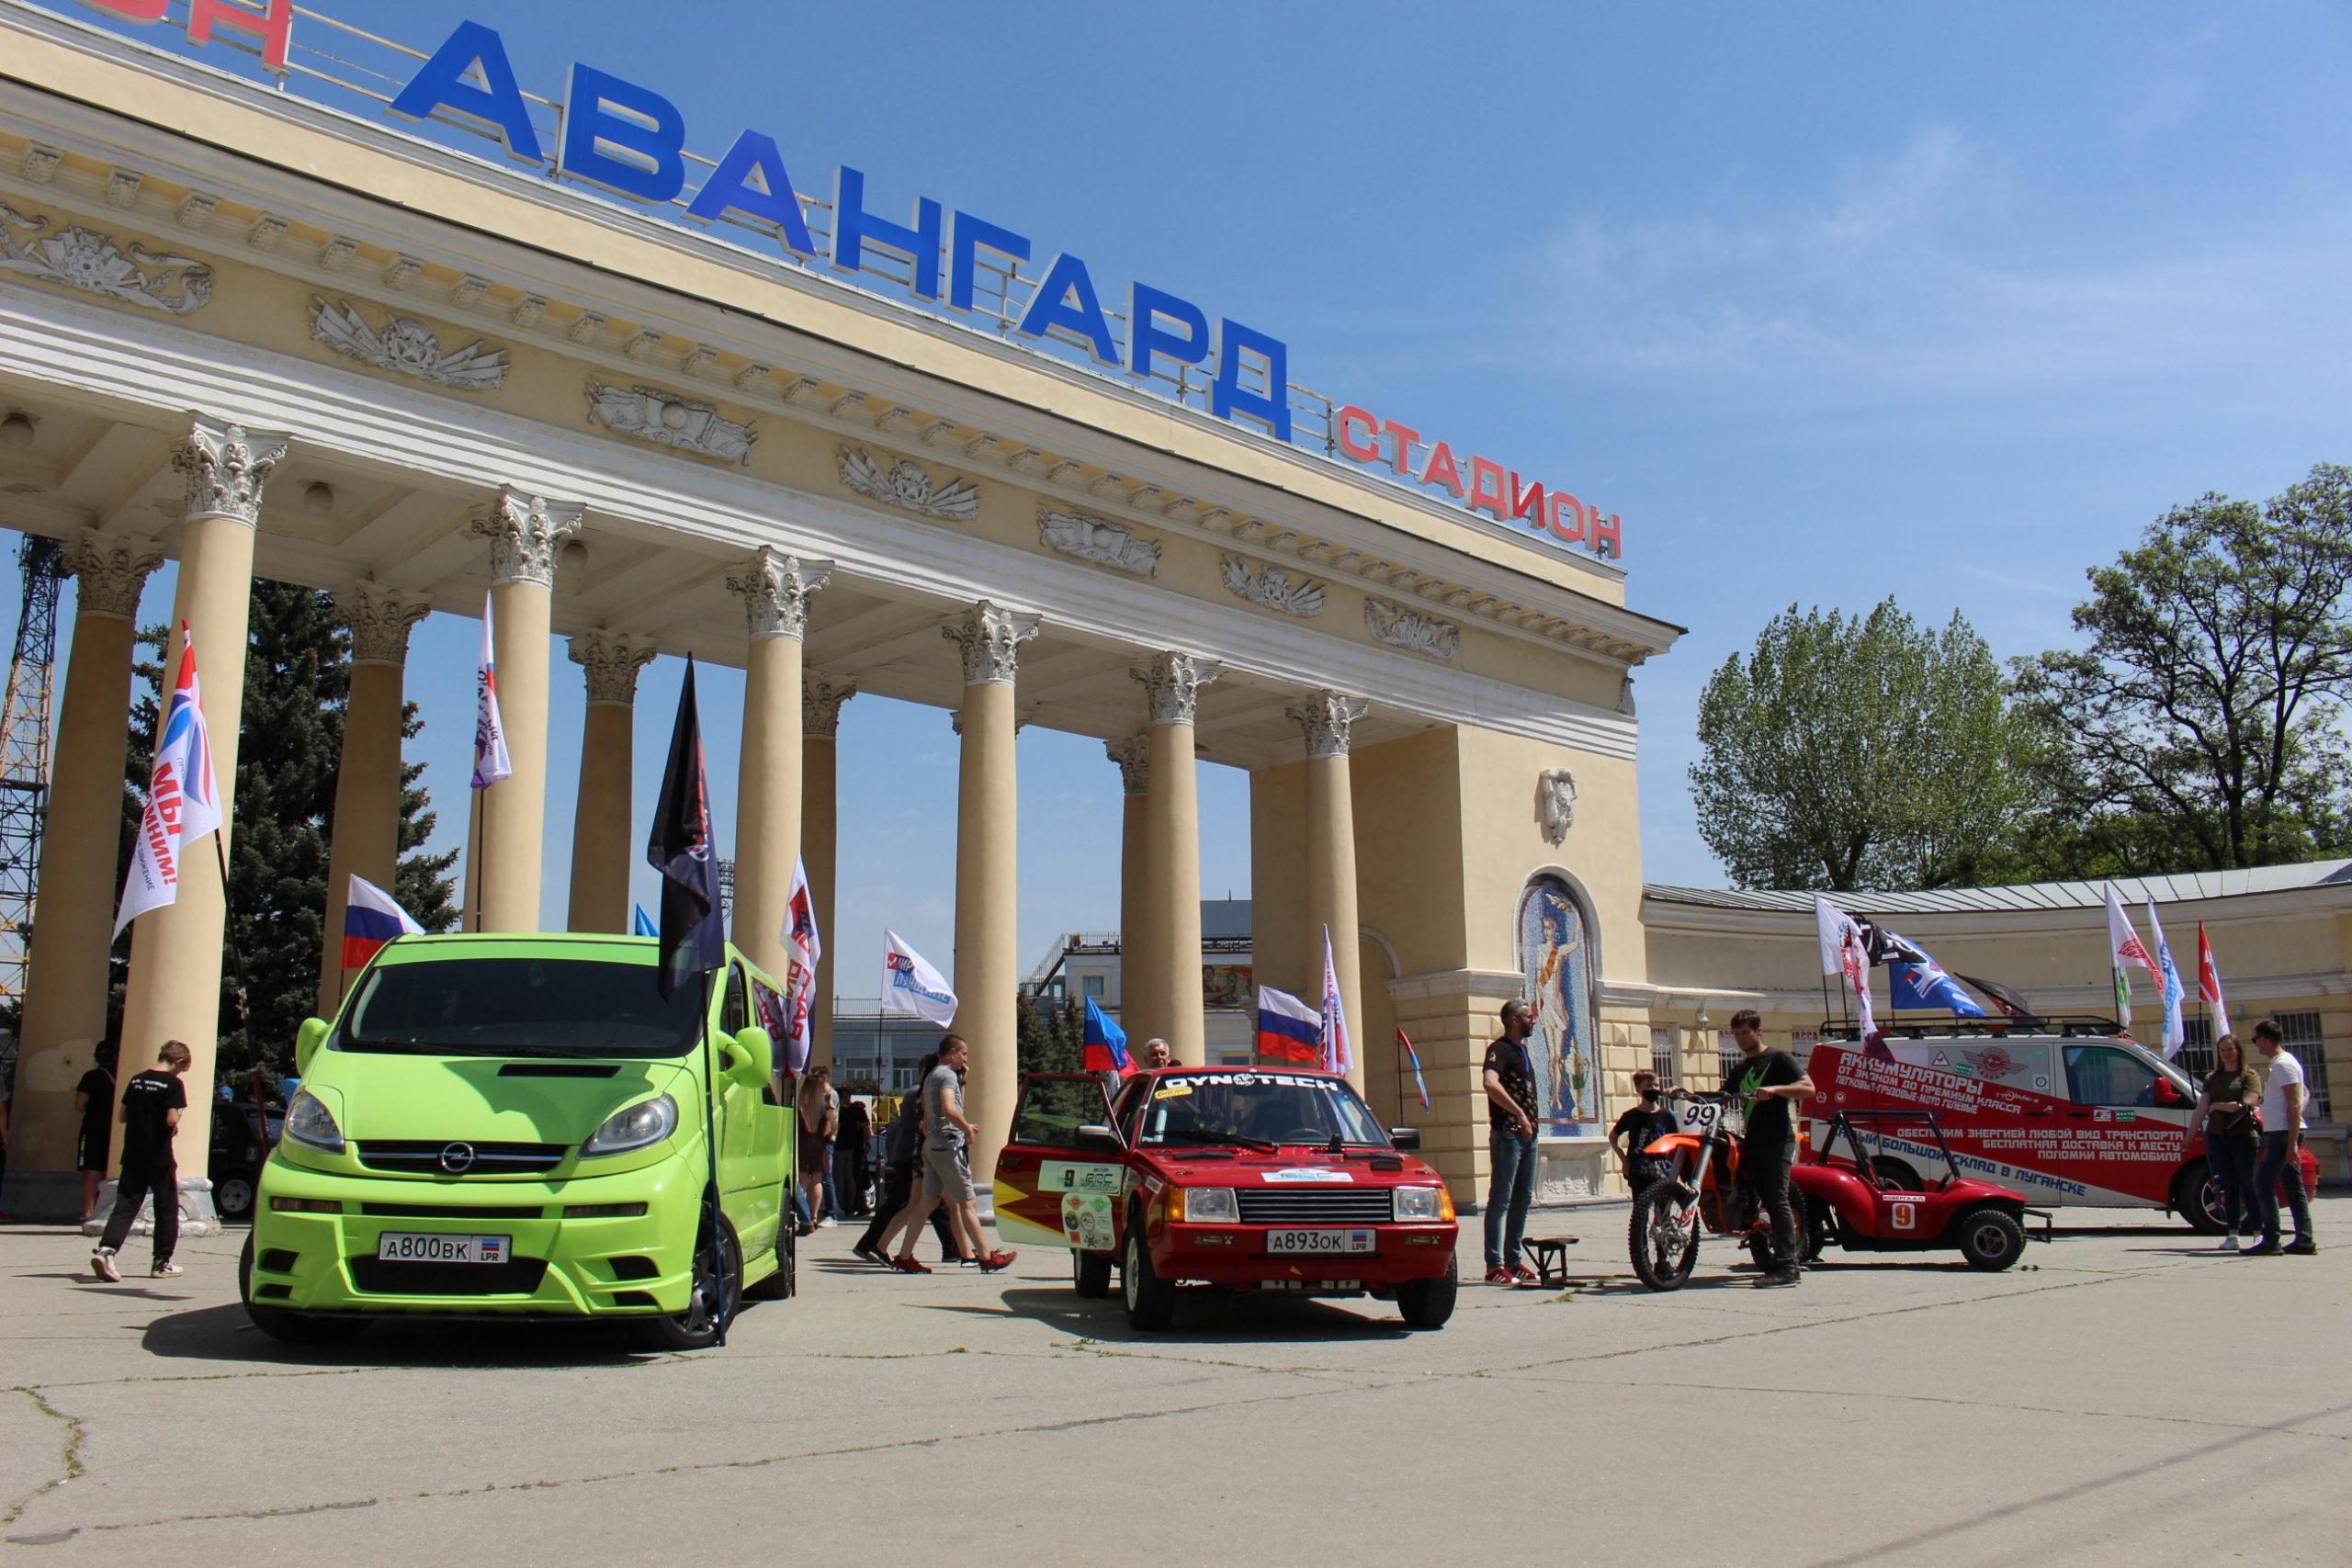 Автомобилисты из России, ДНР и ЛНР приняли участие в фестивале «Ворошиловград» в Луганске 1